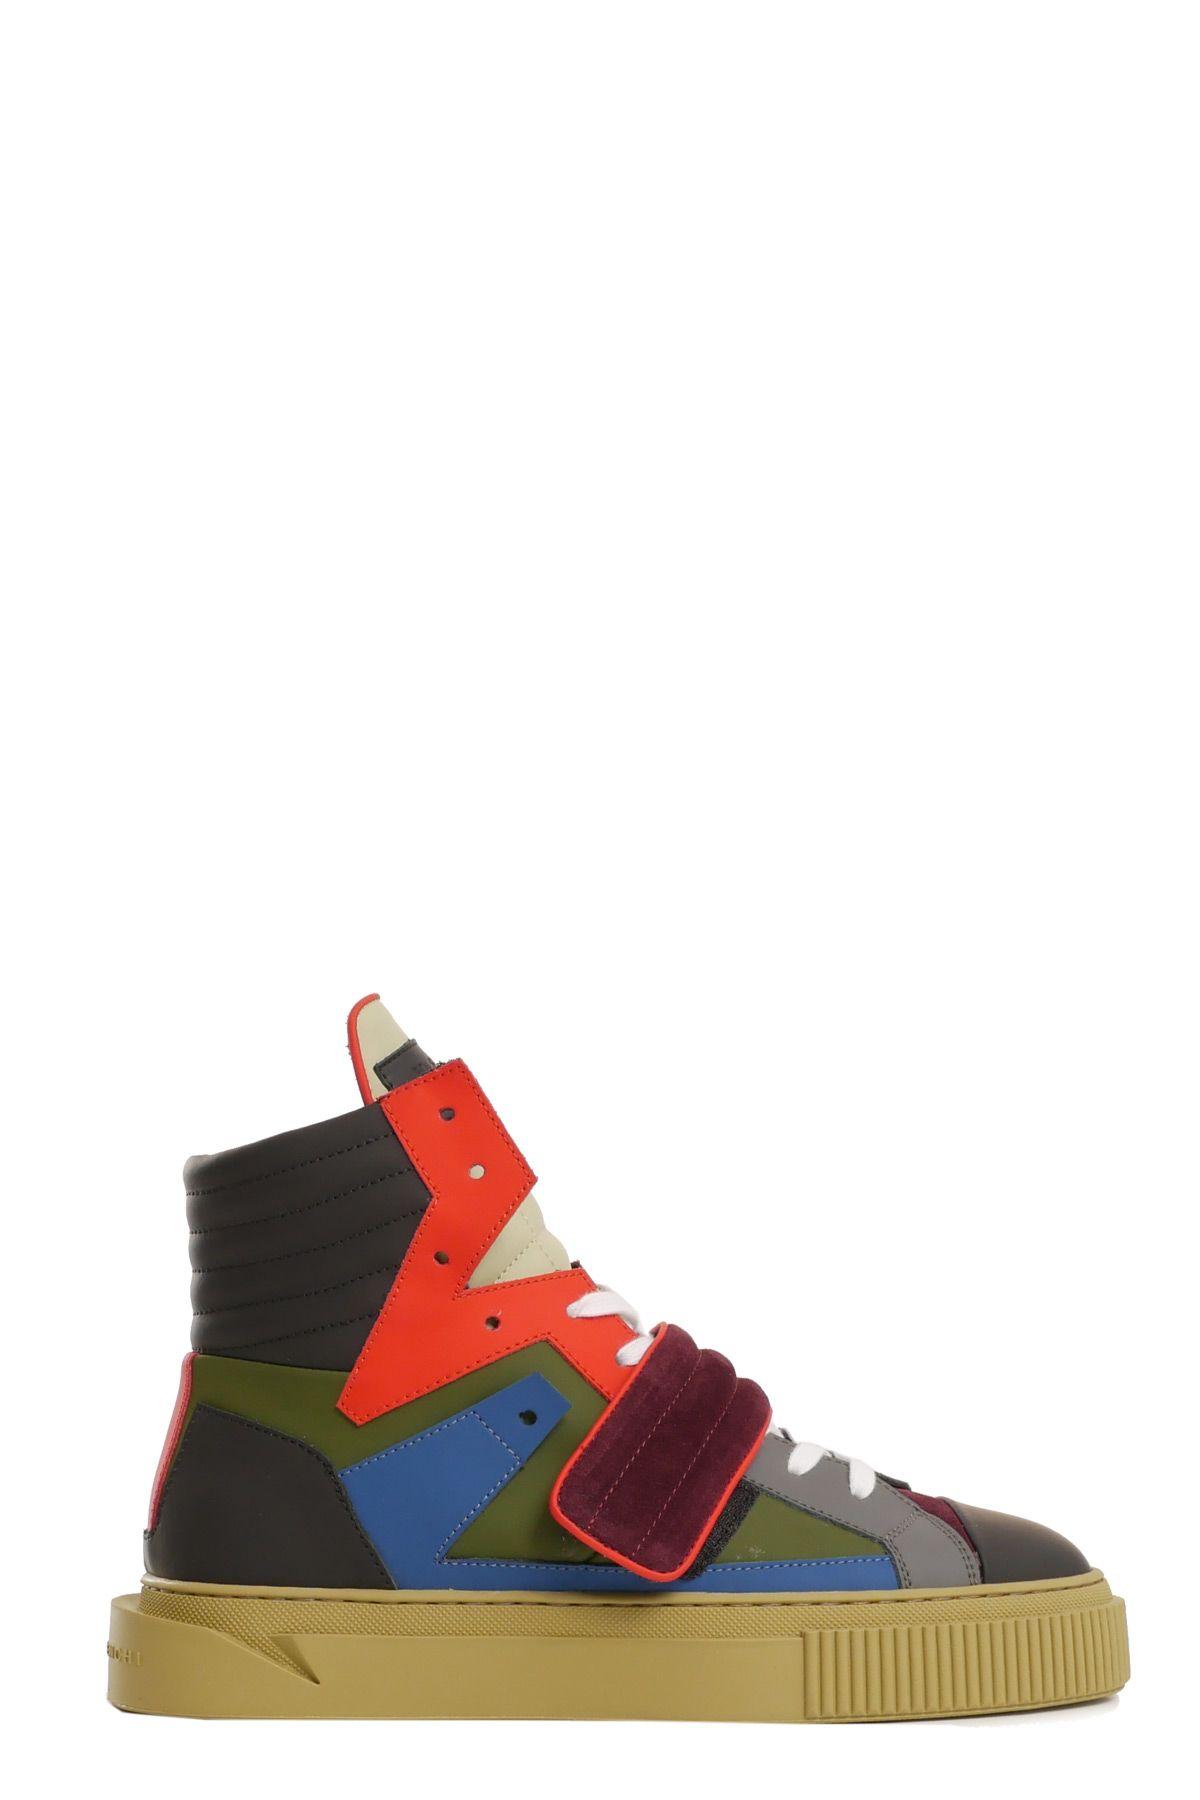 GIENCHI Sneakers in Verde/Azzurro